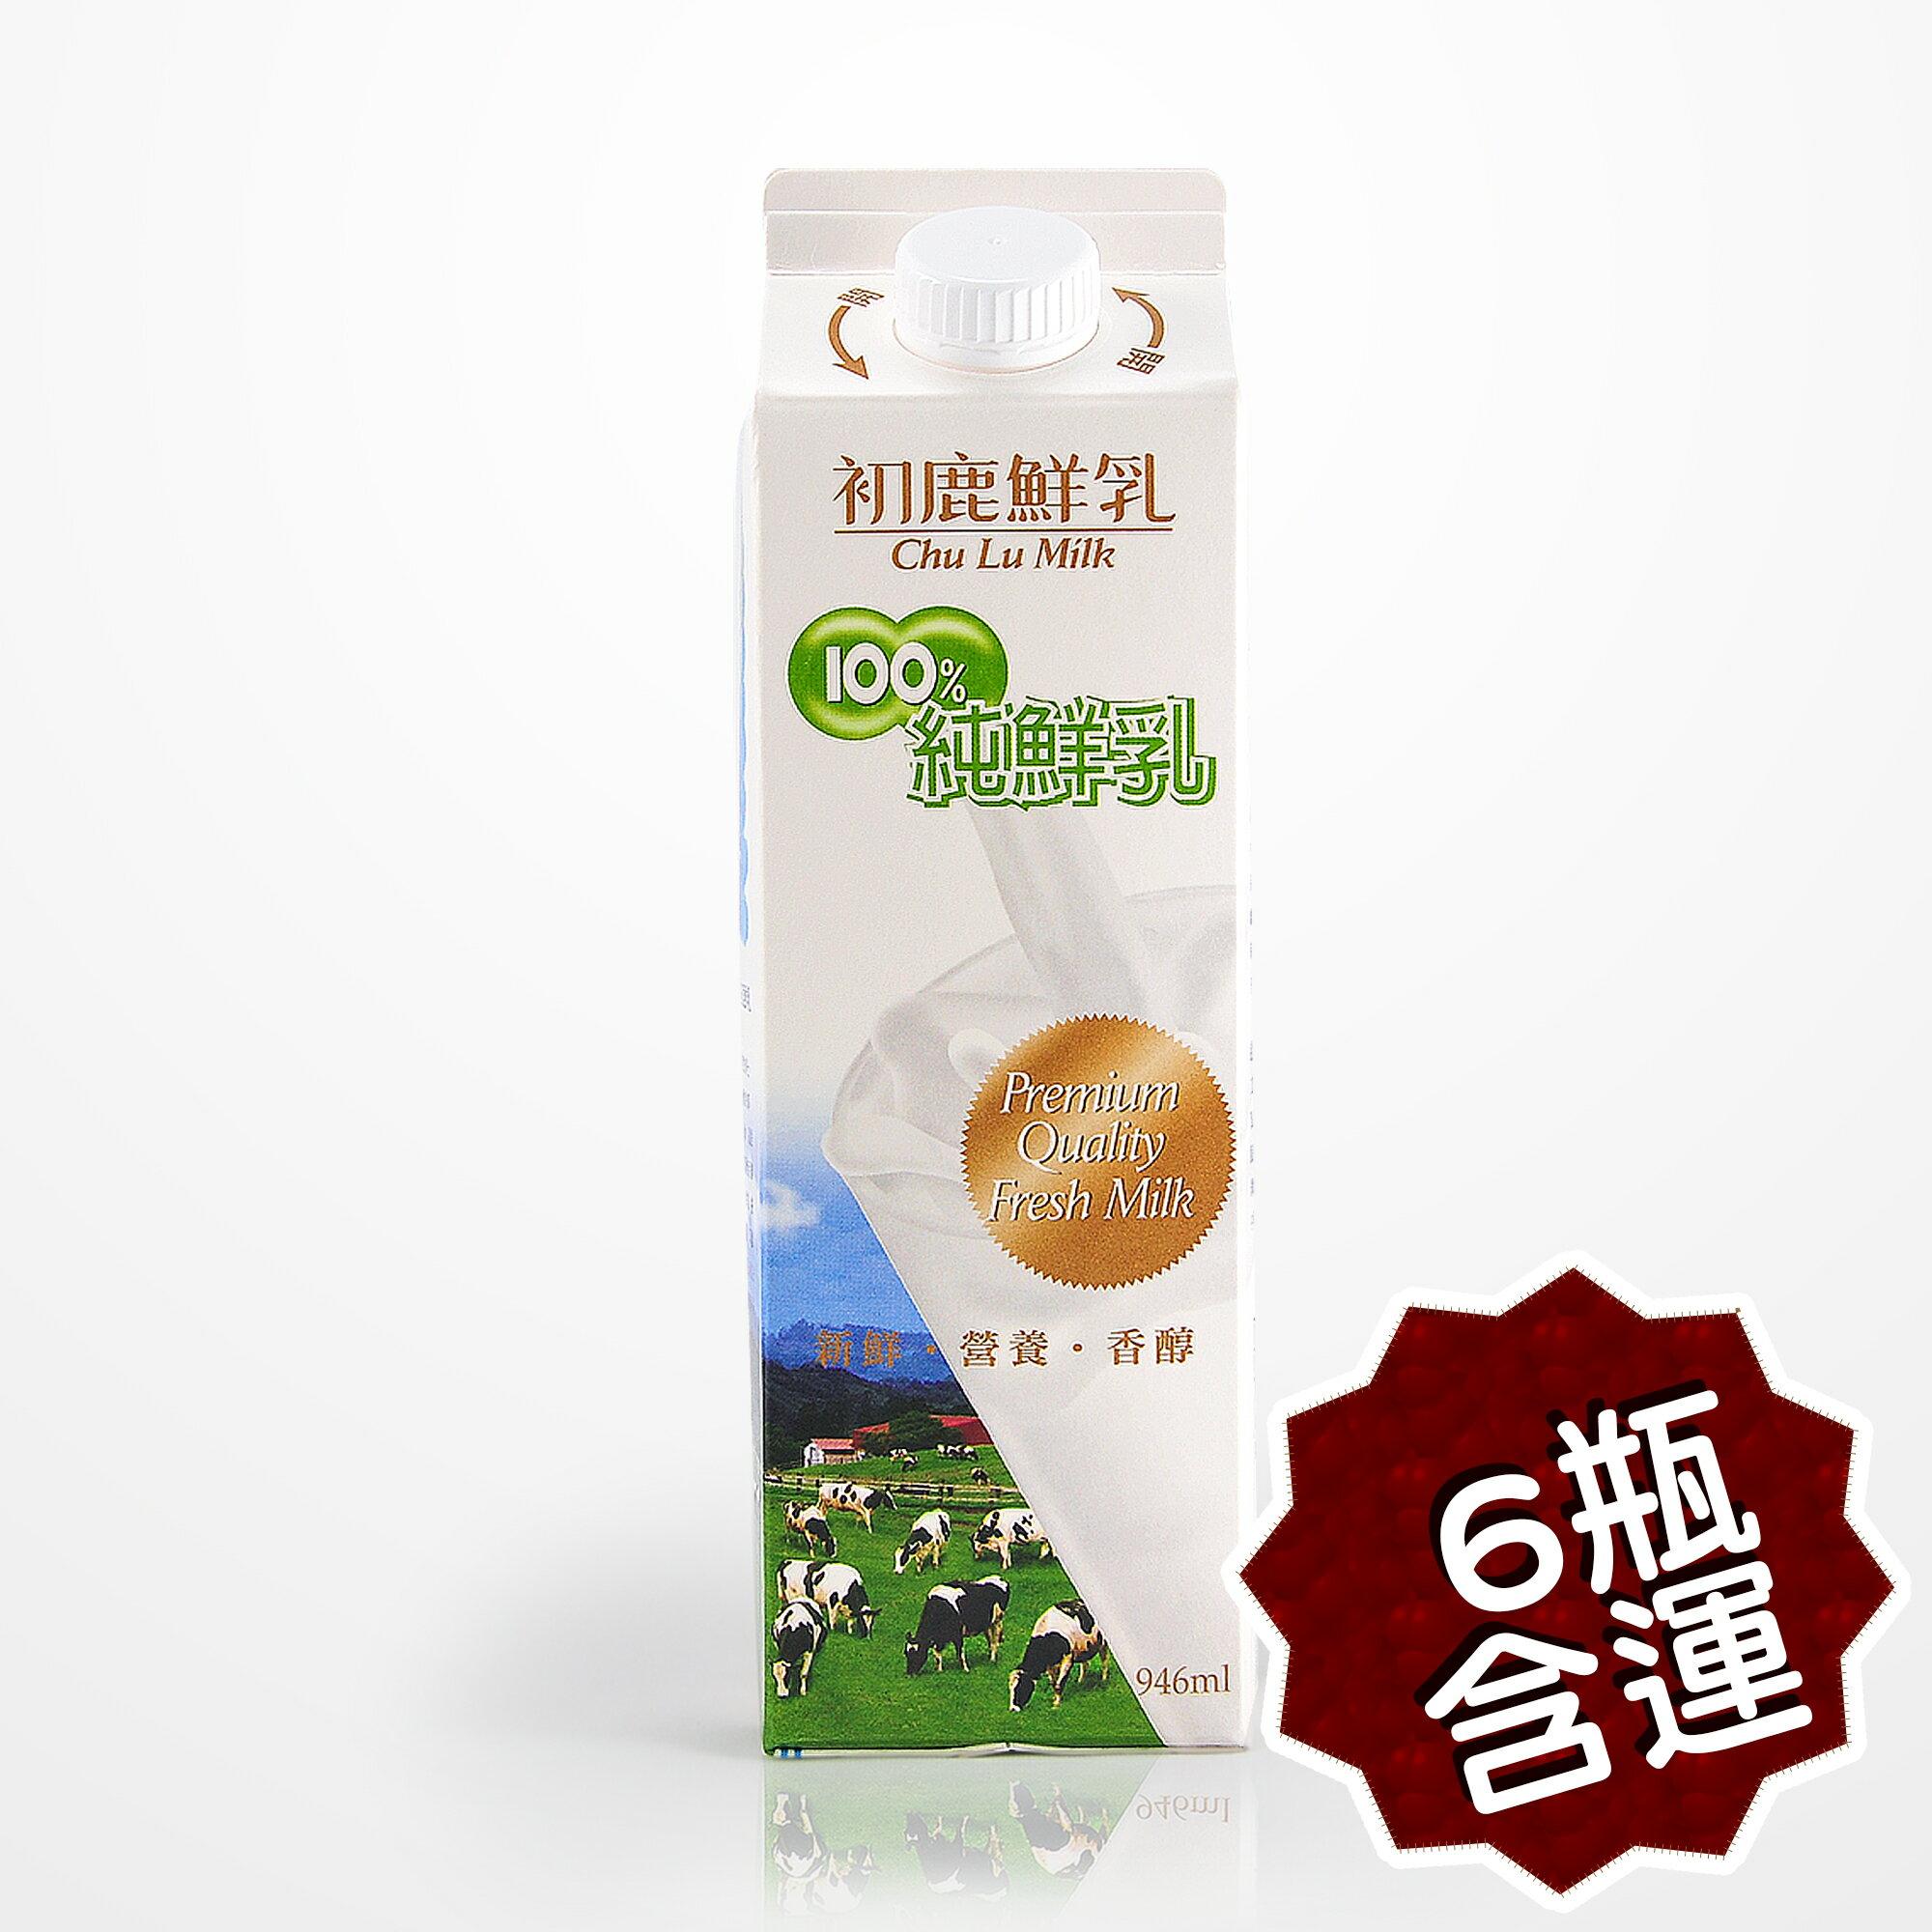 初鹿鮮乳6瓶組(946ml/瓶)★☆台東初鹿牧場產地直送,每日鮮產 1